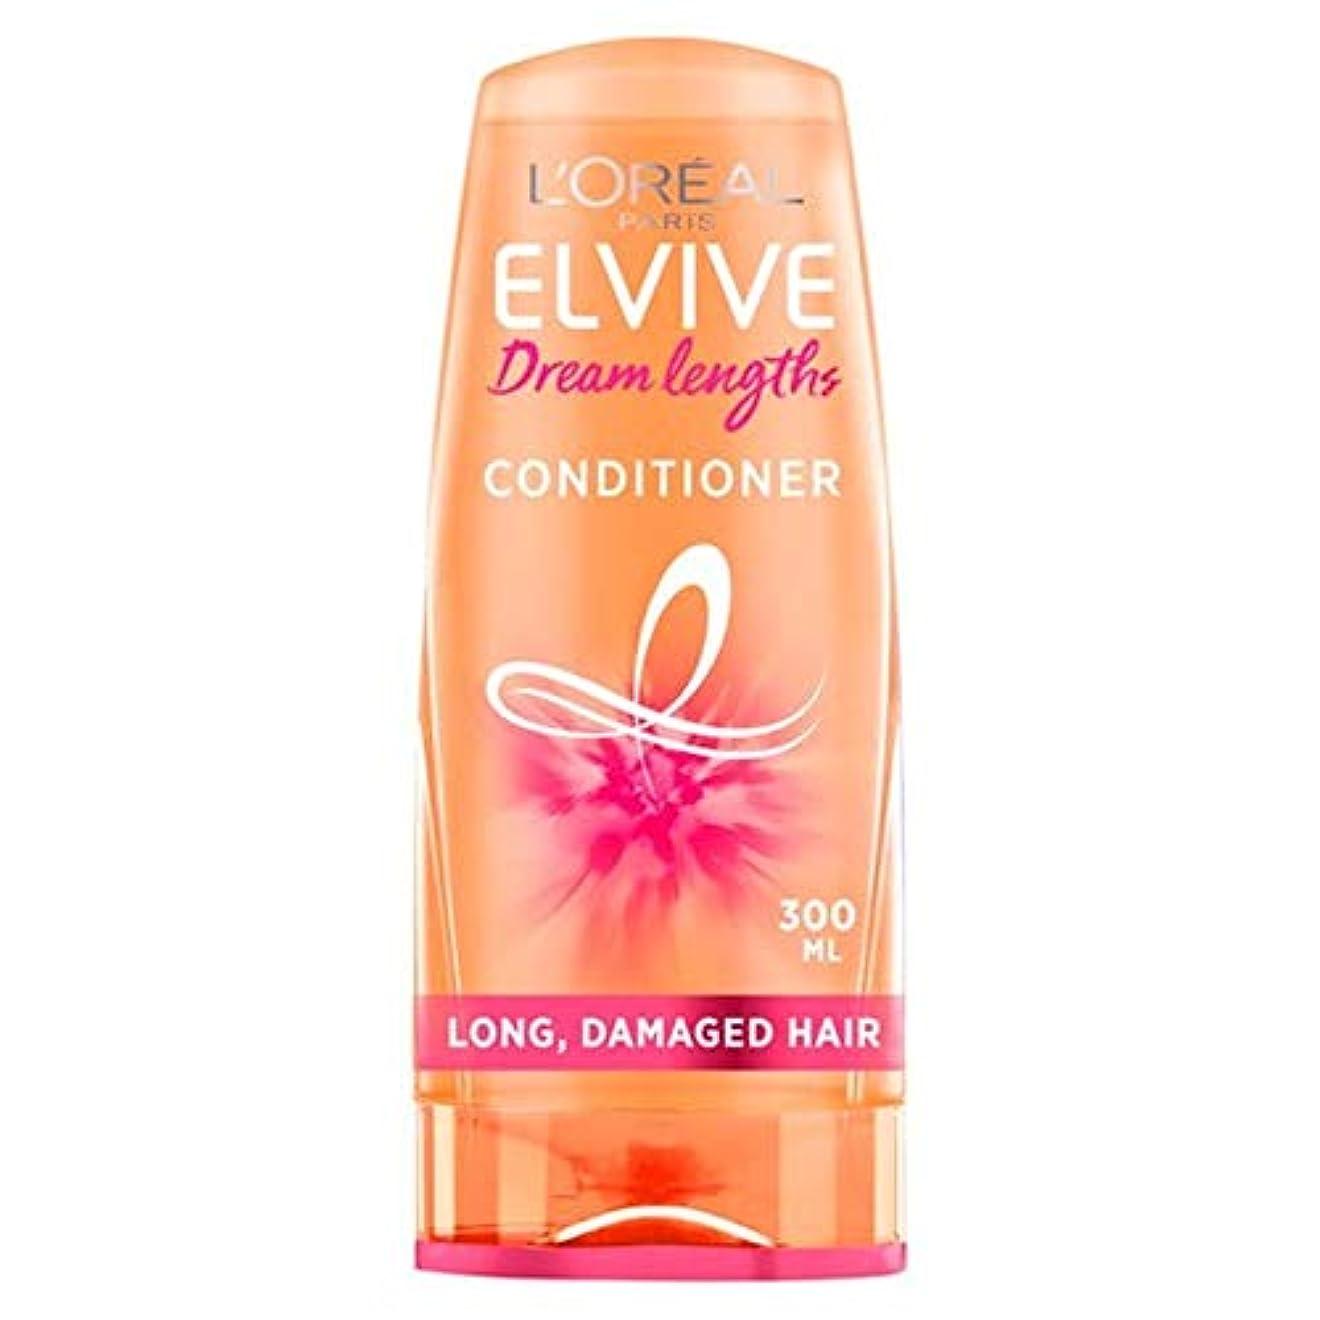 コンパスナット恐竜[Elvive] ロレアルはElvive長ヘアコンディショナー300ミリリットルの夢 - L'oreal Elvive Dream Lengths Hair Conditioner 300Ml [並行輸入品]